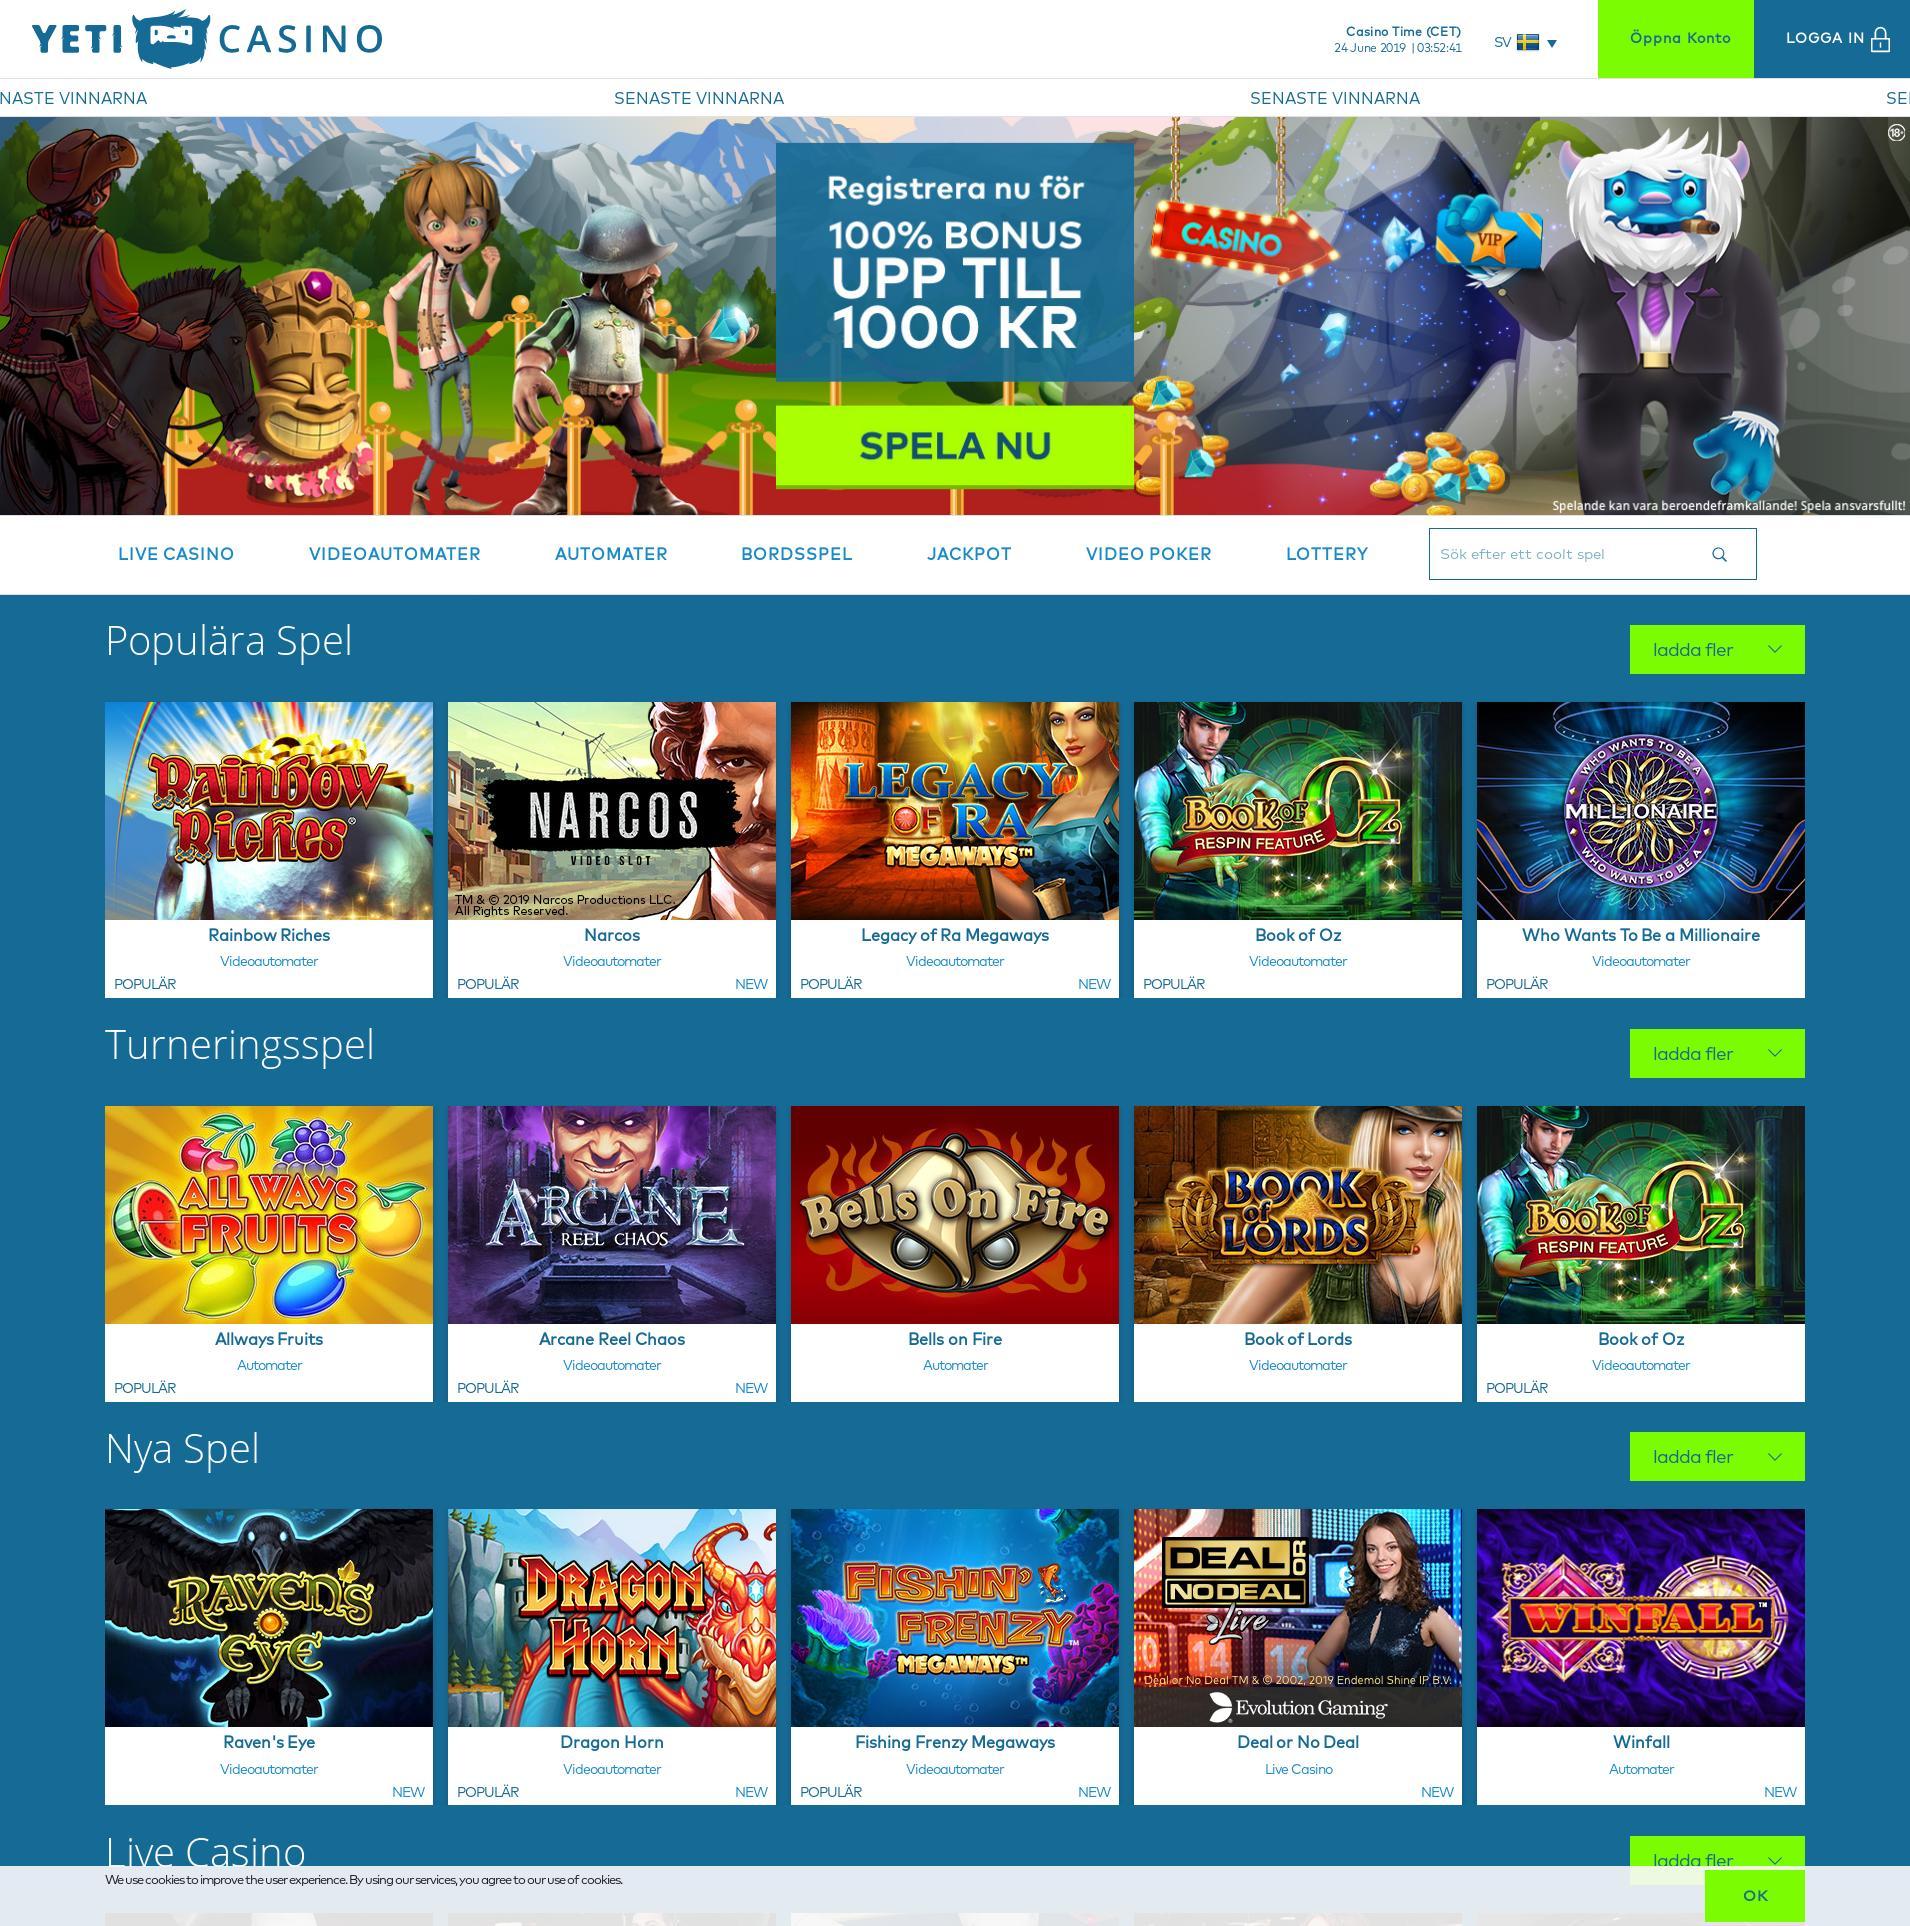 Casino screen Lobby 2019-06-24 for Sweden